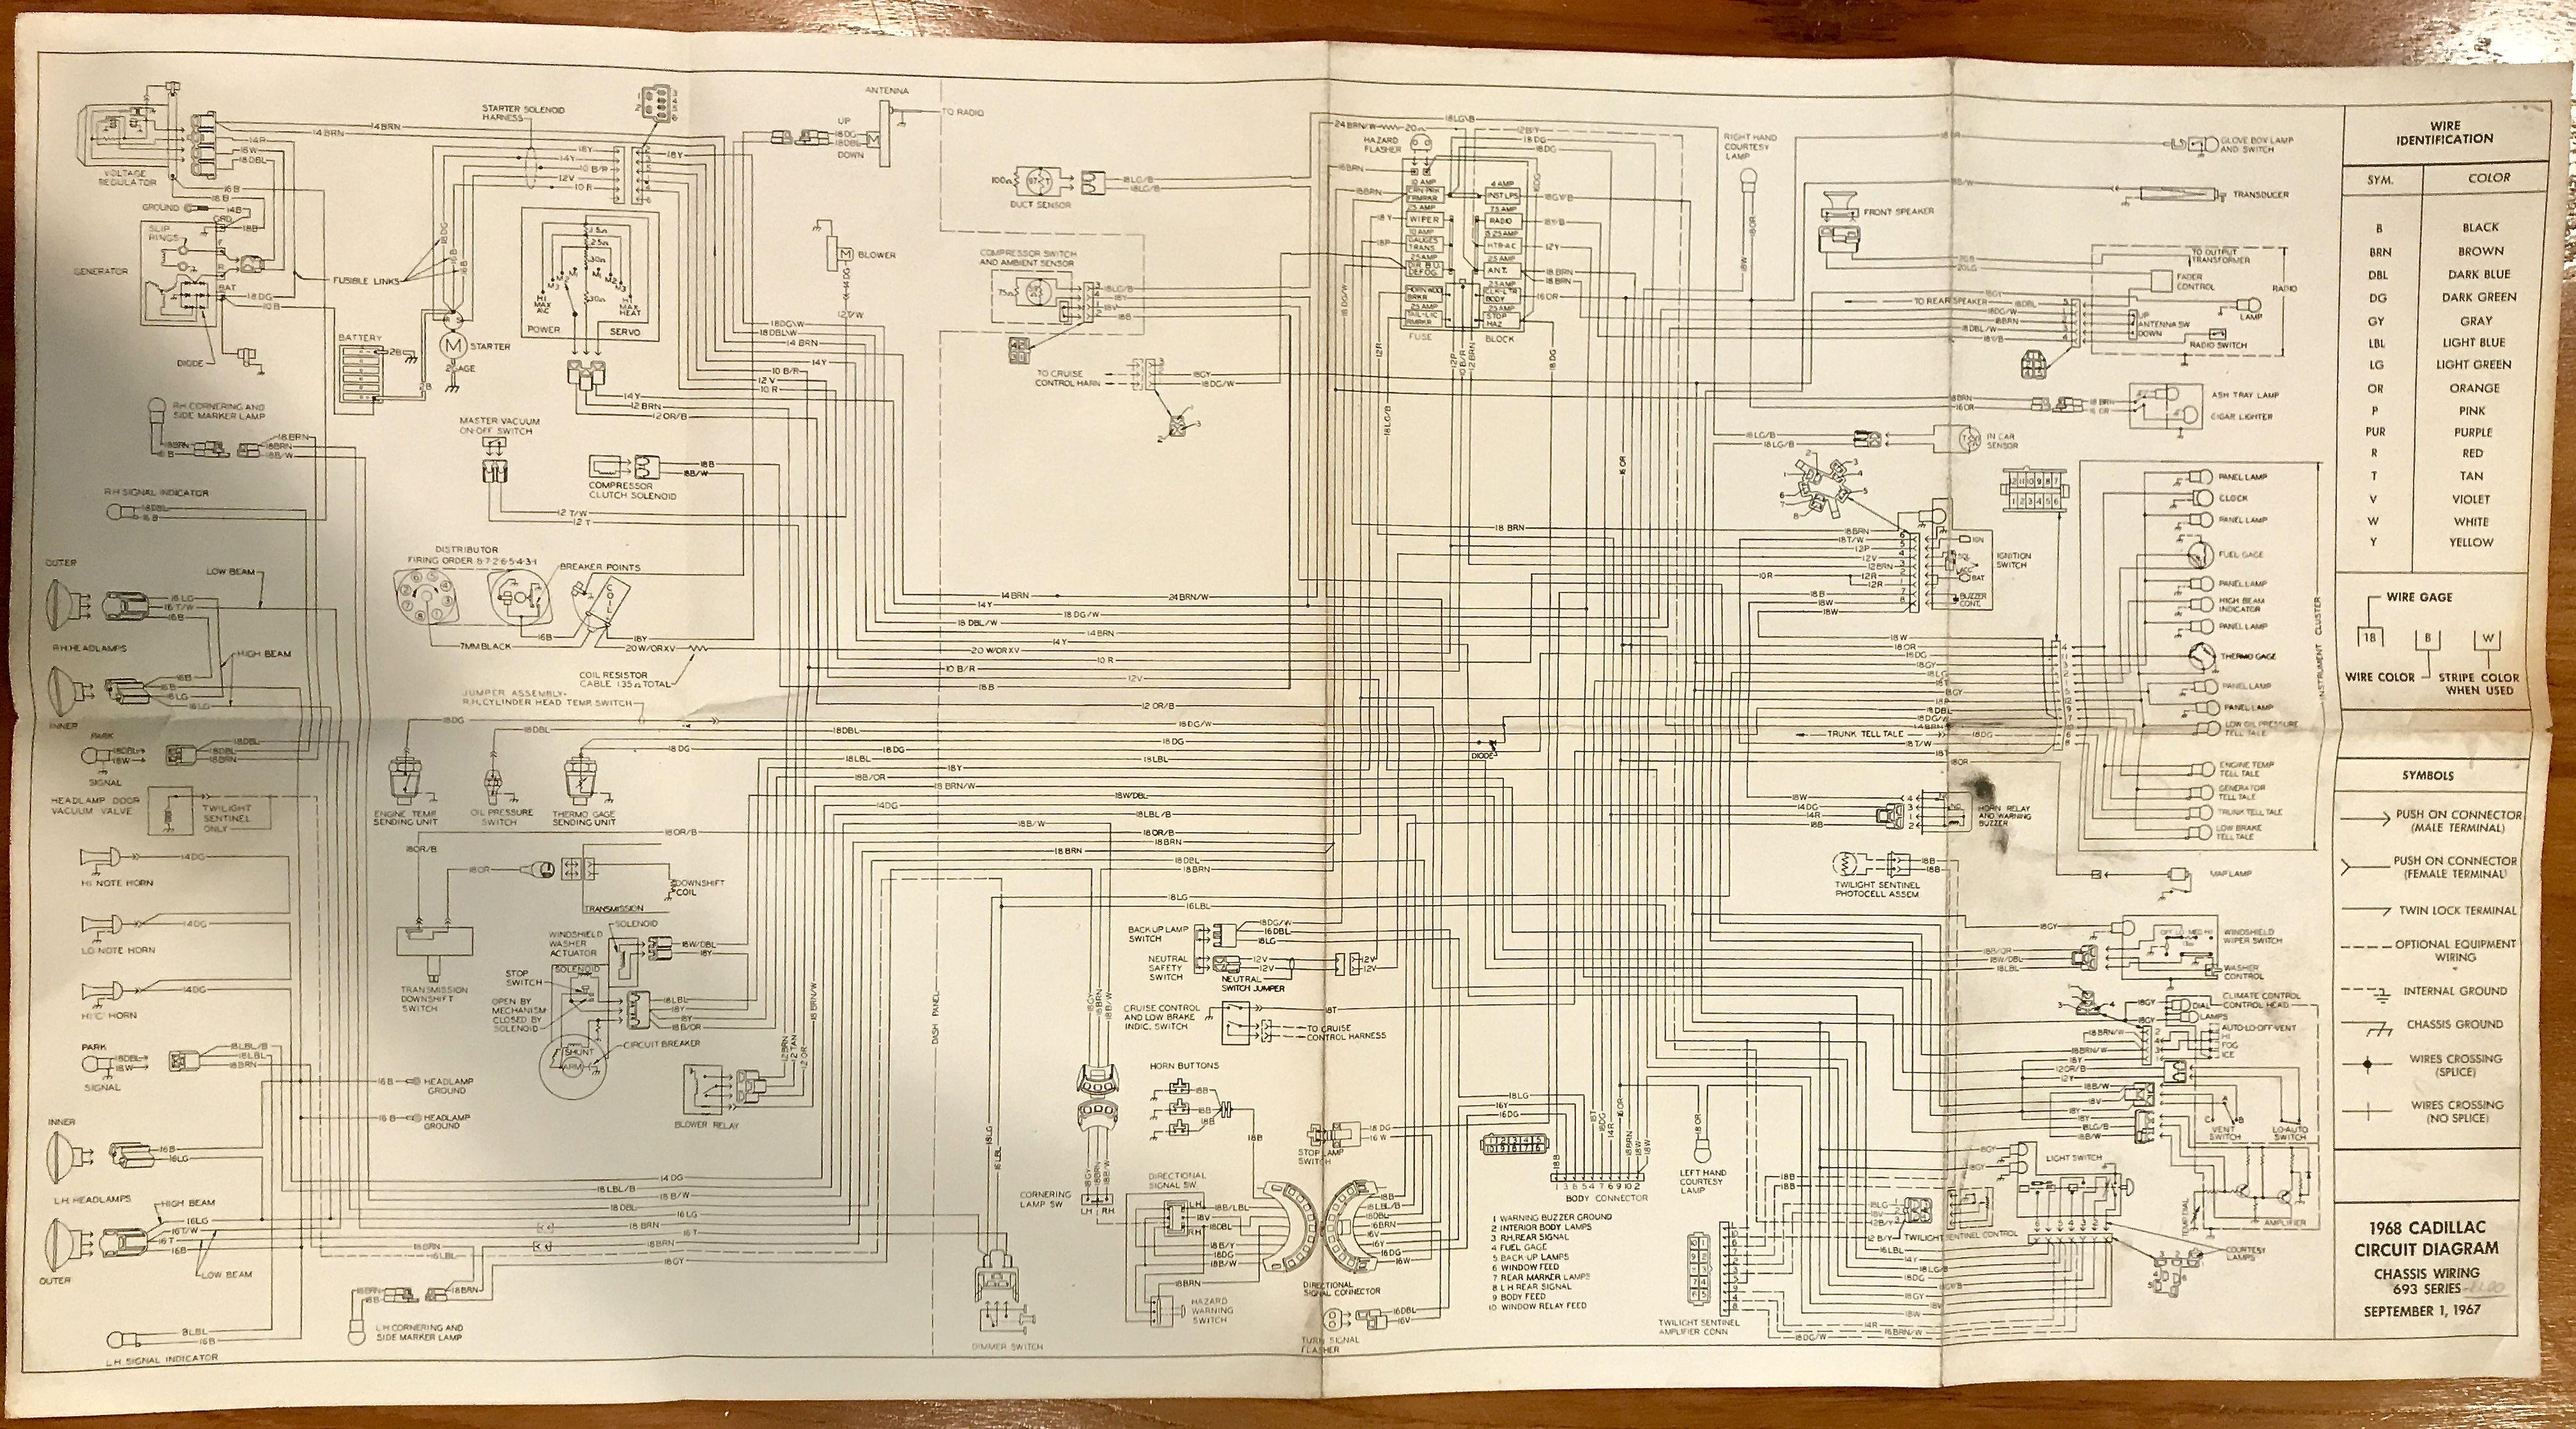 1968 air conditioned cadillac vacuum circuit diagram   cars, Wiring diagram